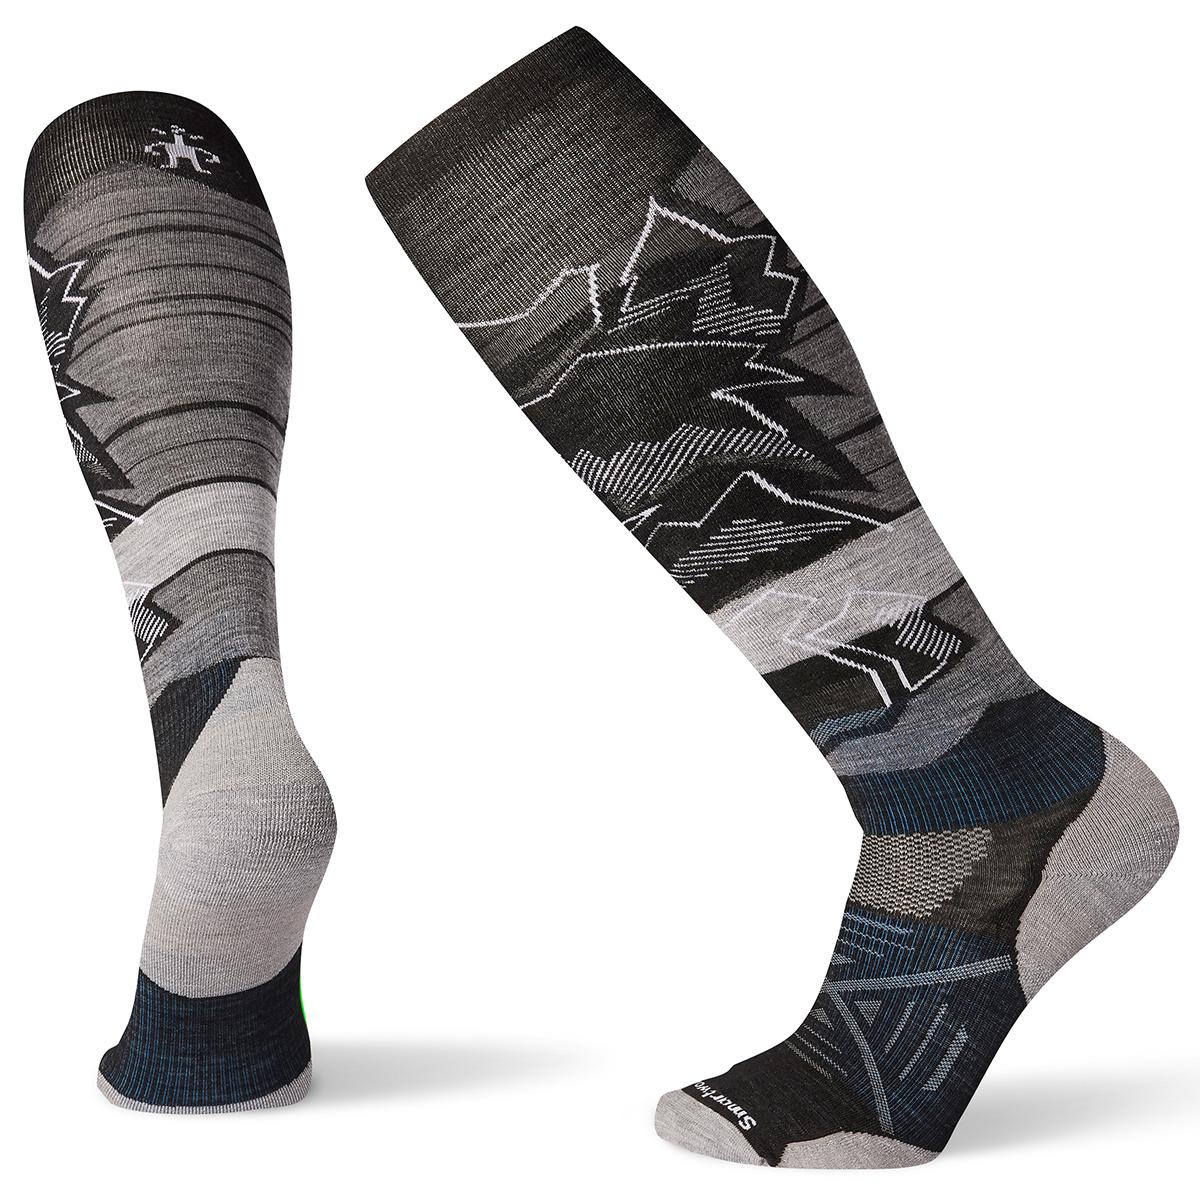 Smartwool Men's Phd Ski Light Elite Knee High Socks - Black, L